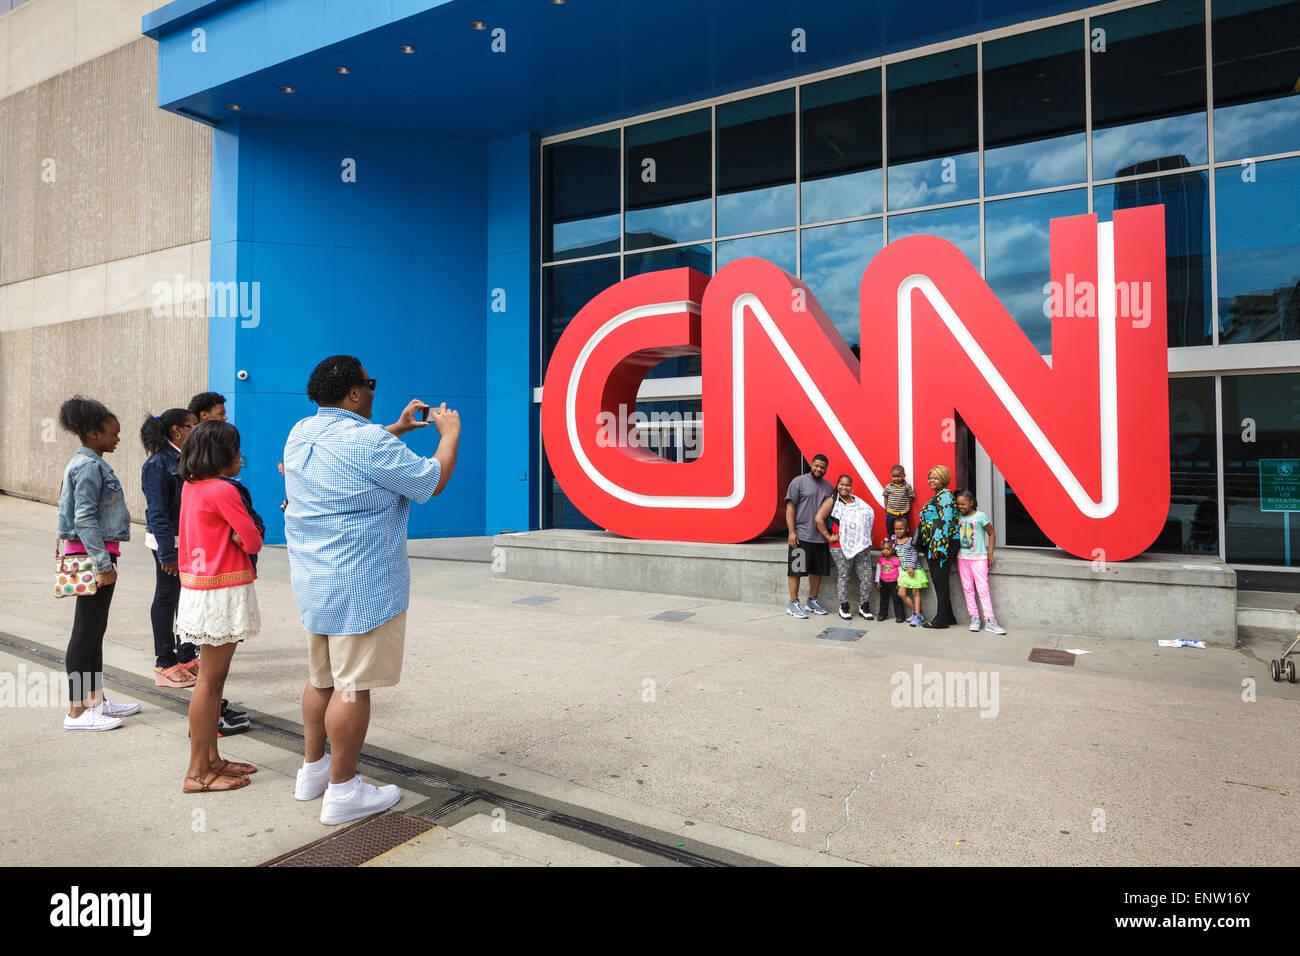 Momento Kodak para familia afroestadounidense en el CNN Center, Atlanta, Georgia, EE.UU. Imagen De Stock